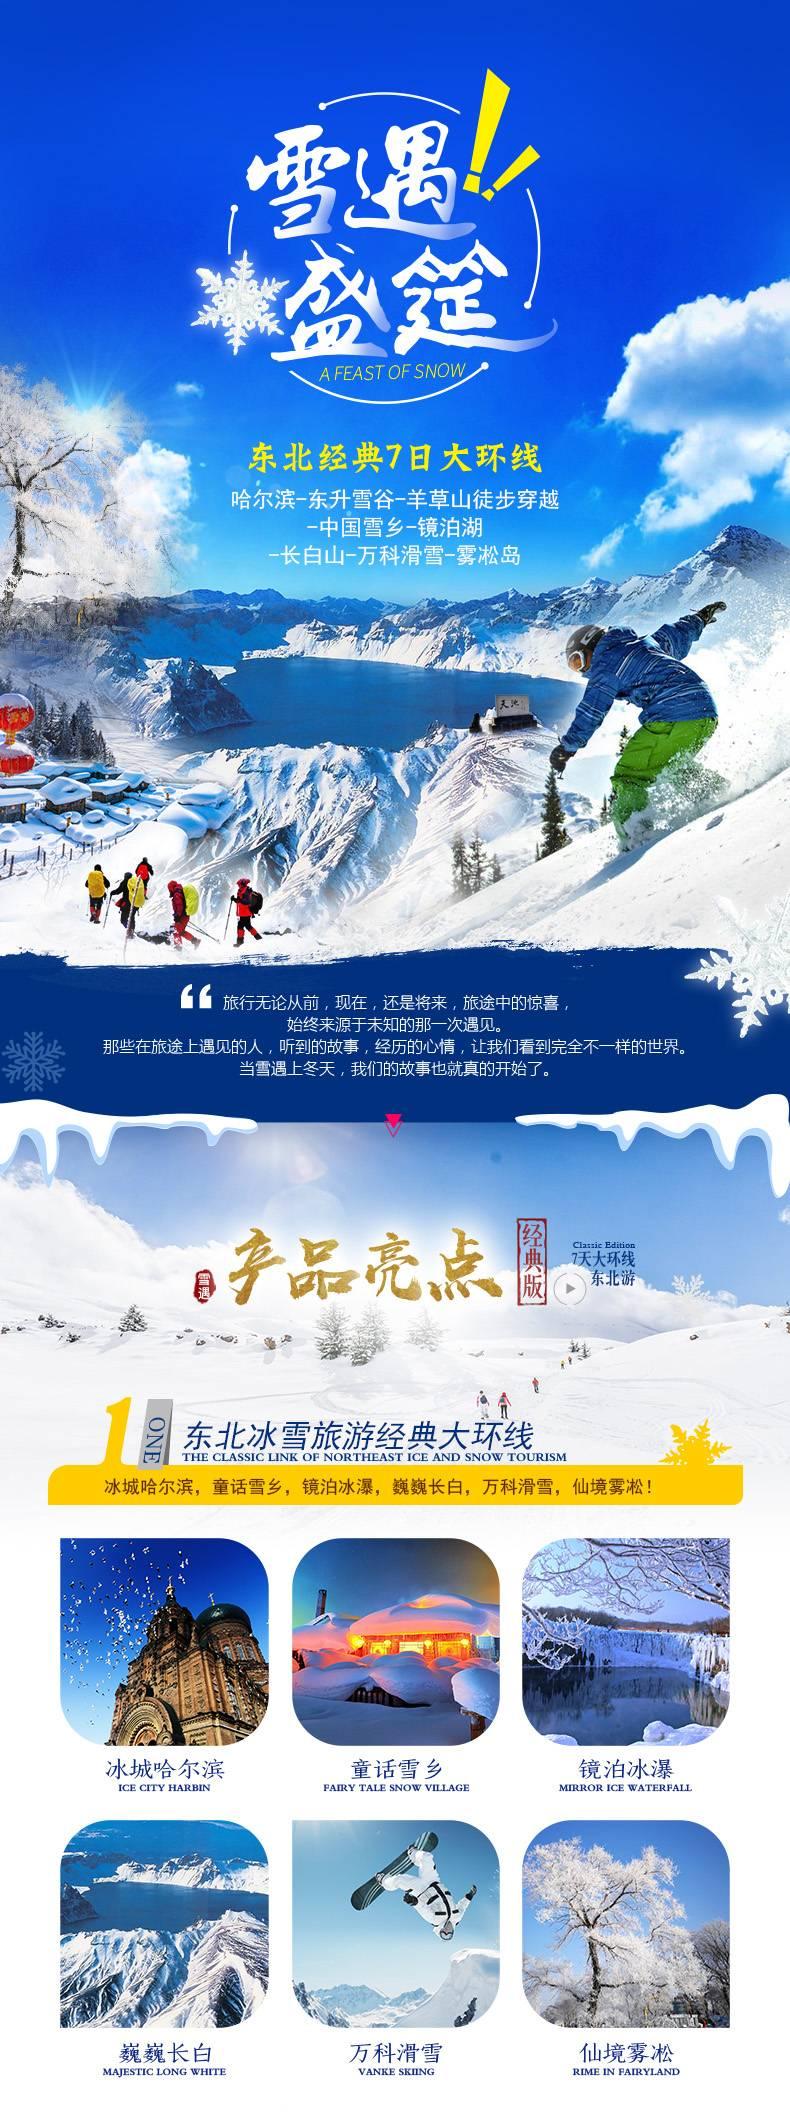 五五户外_【雪遇盛筵】哈尔滨-东升徒步穿越-雪乡-镜泊湖-长白山-吉林-雾凇岛7日游